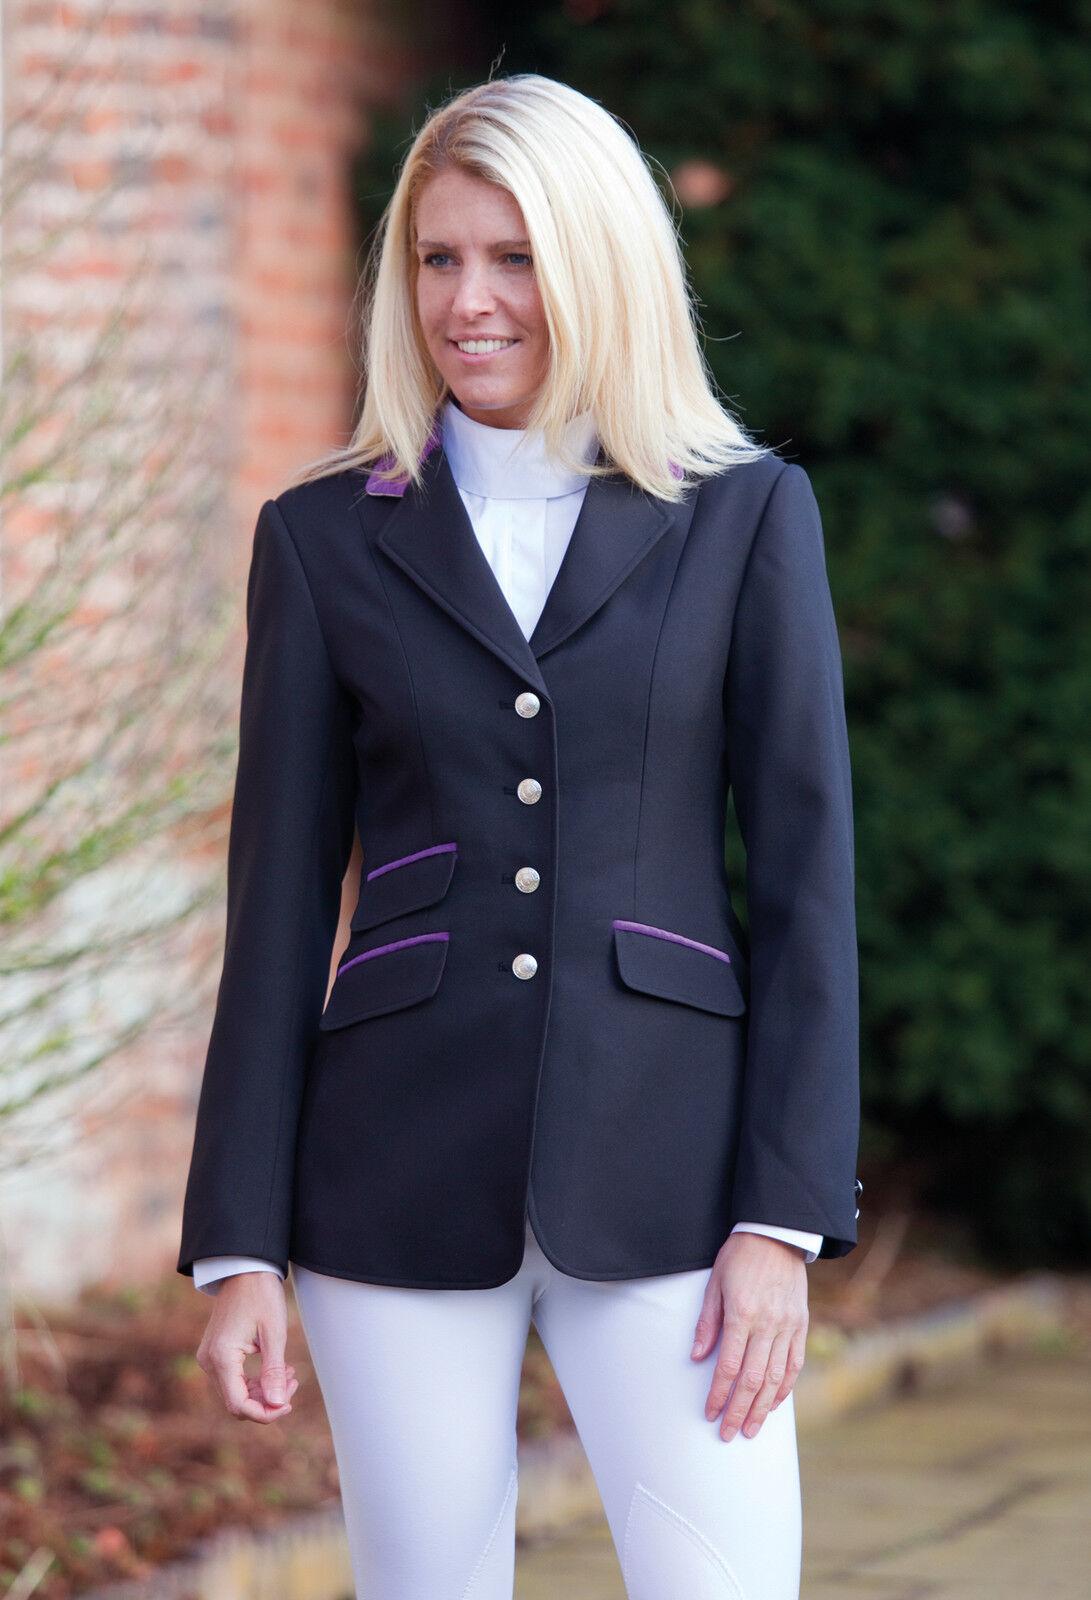 Shires Henley Mesdames veste de spectacle couleurs, de la concurrence - 2 couleurs, spectacle toutes les tailles, sautant 108885